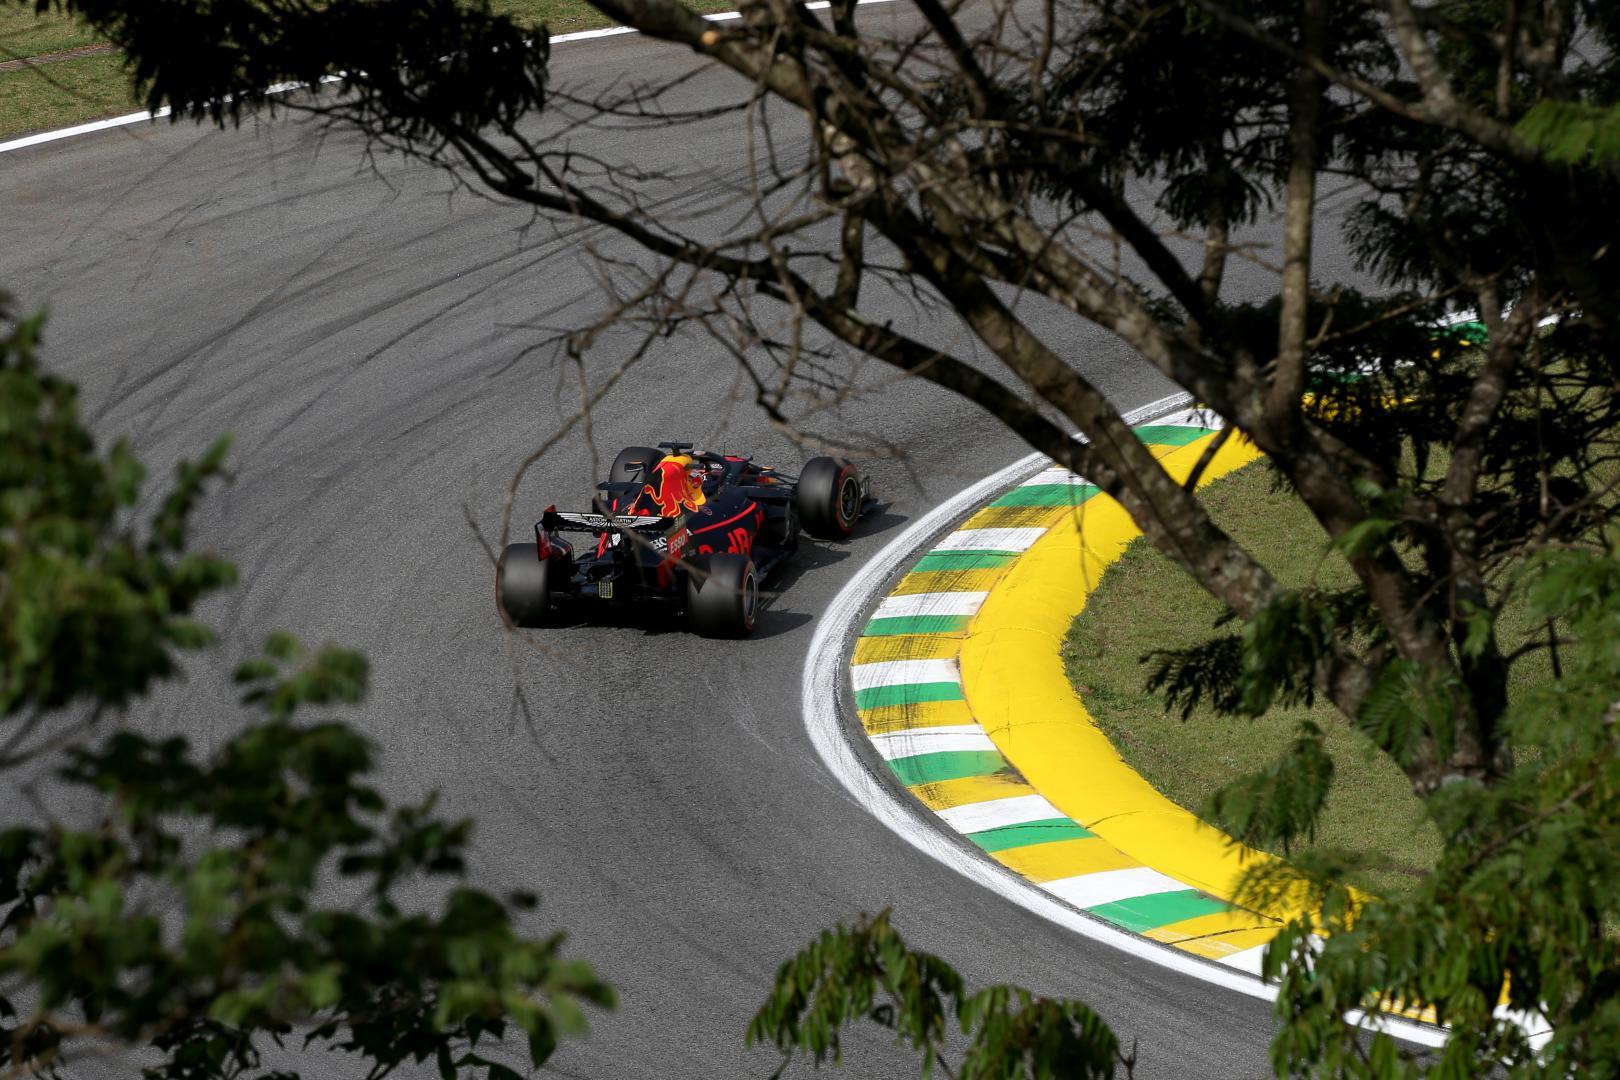 Uitslag van de GP van Brazilië 2019